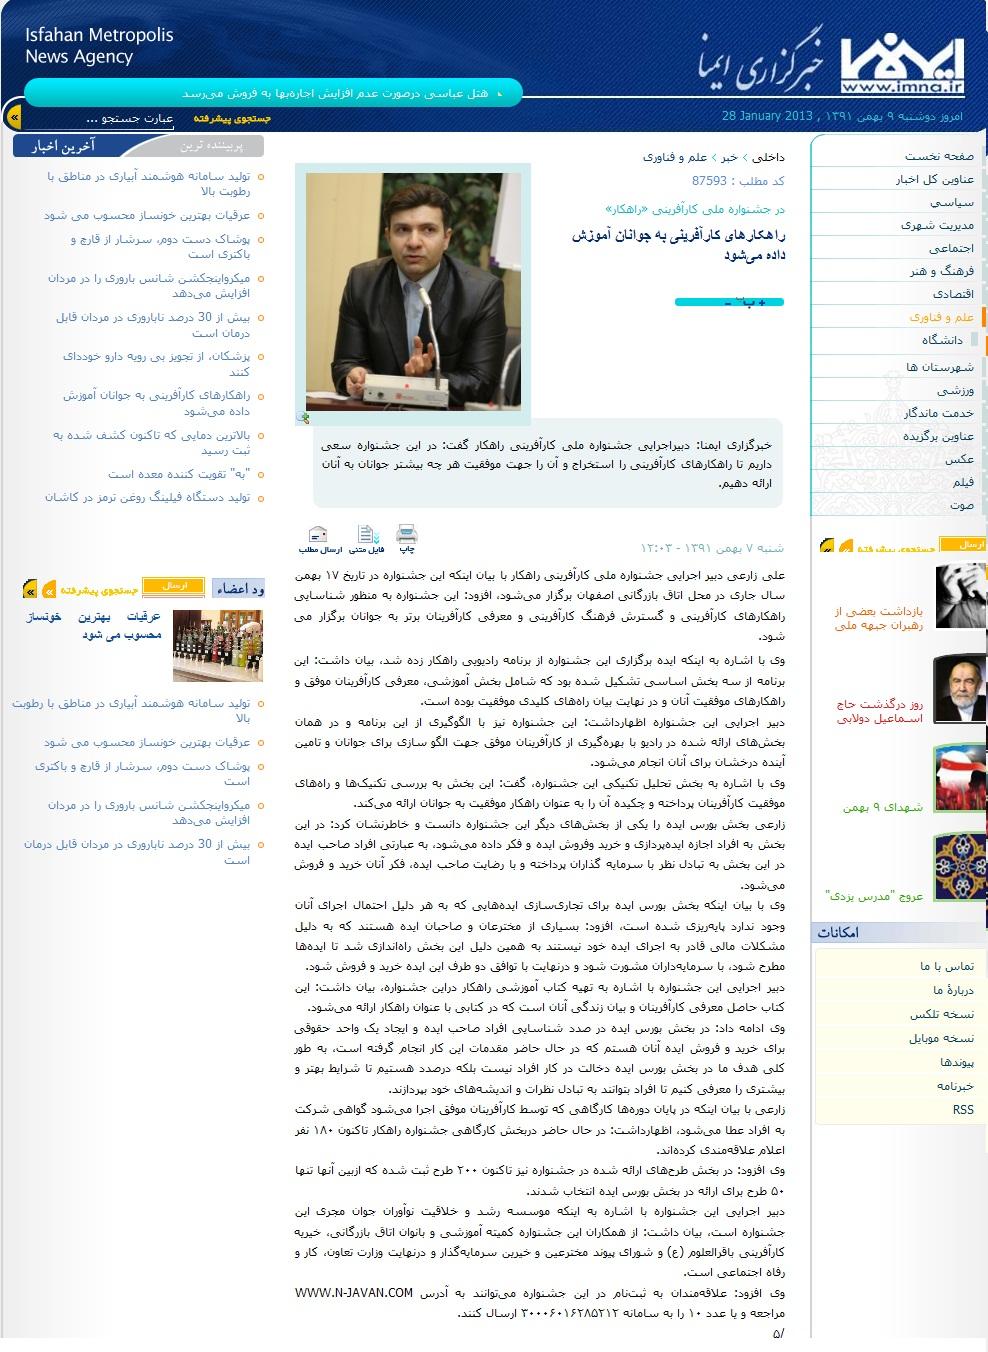 http://www.n-javan.com/aks/neshast/imna-neshast-rahkar.jpg